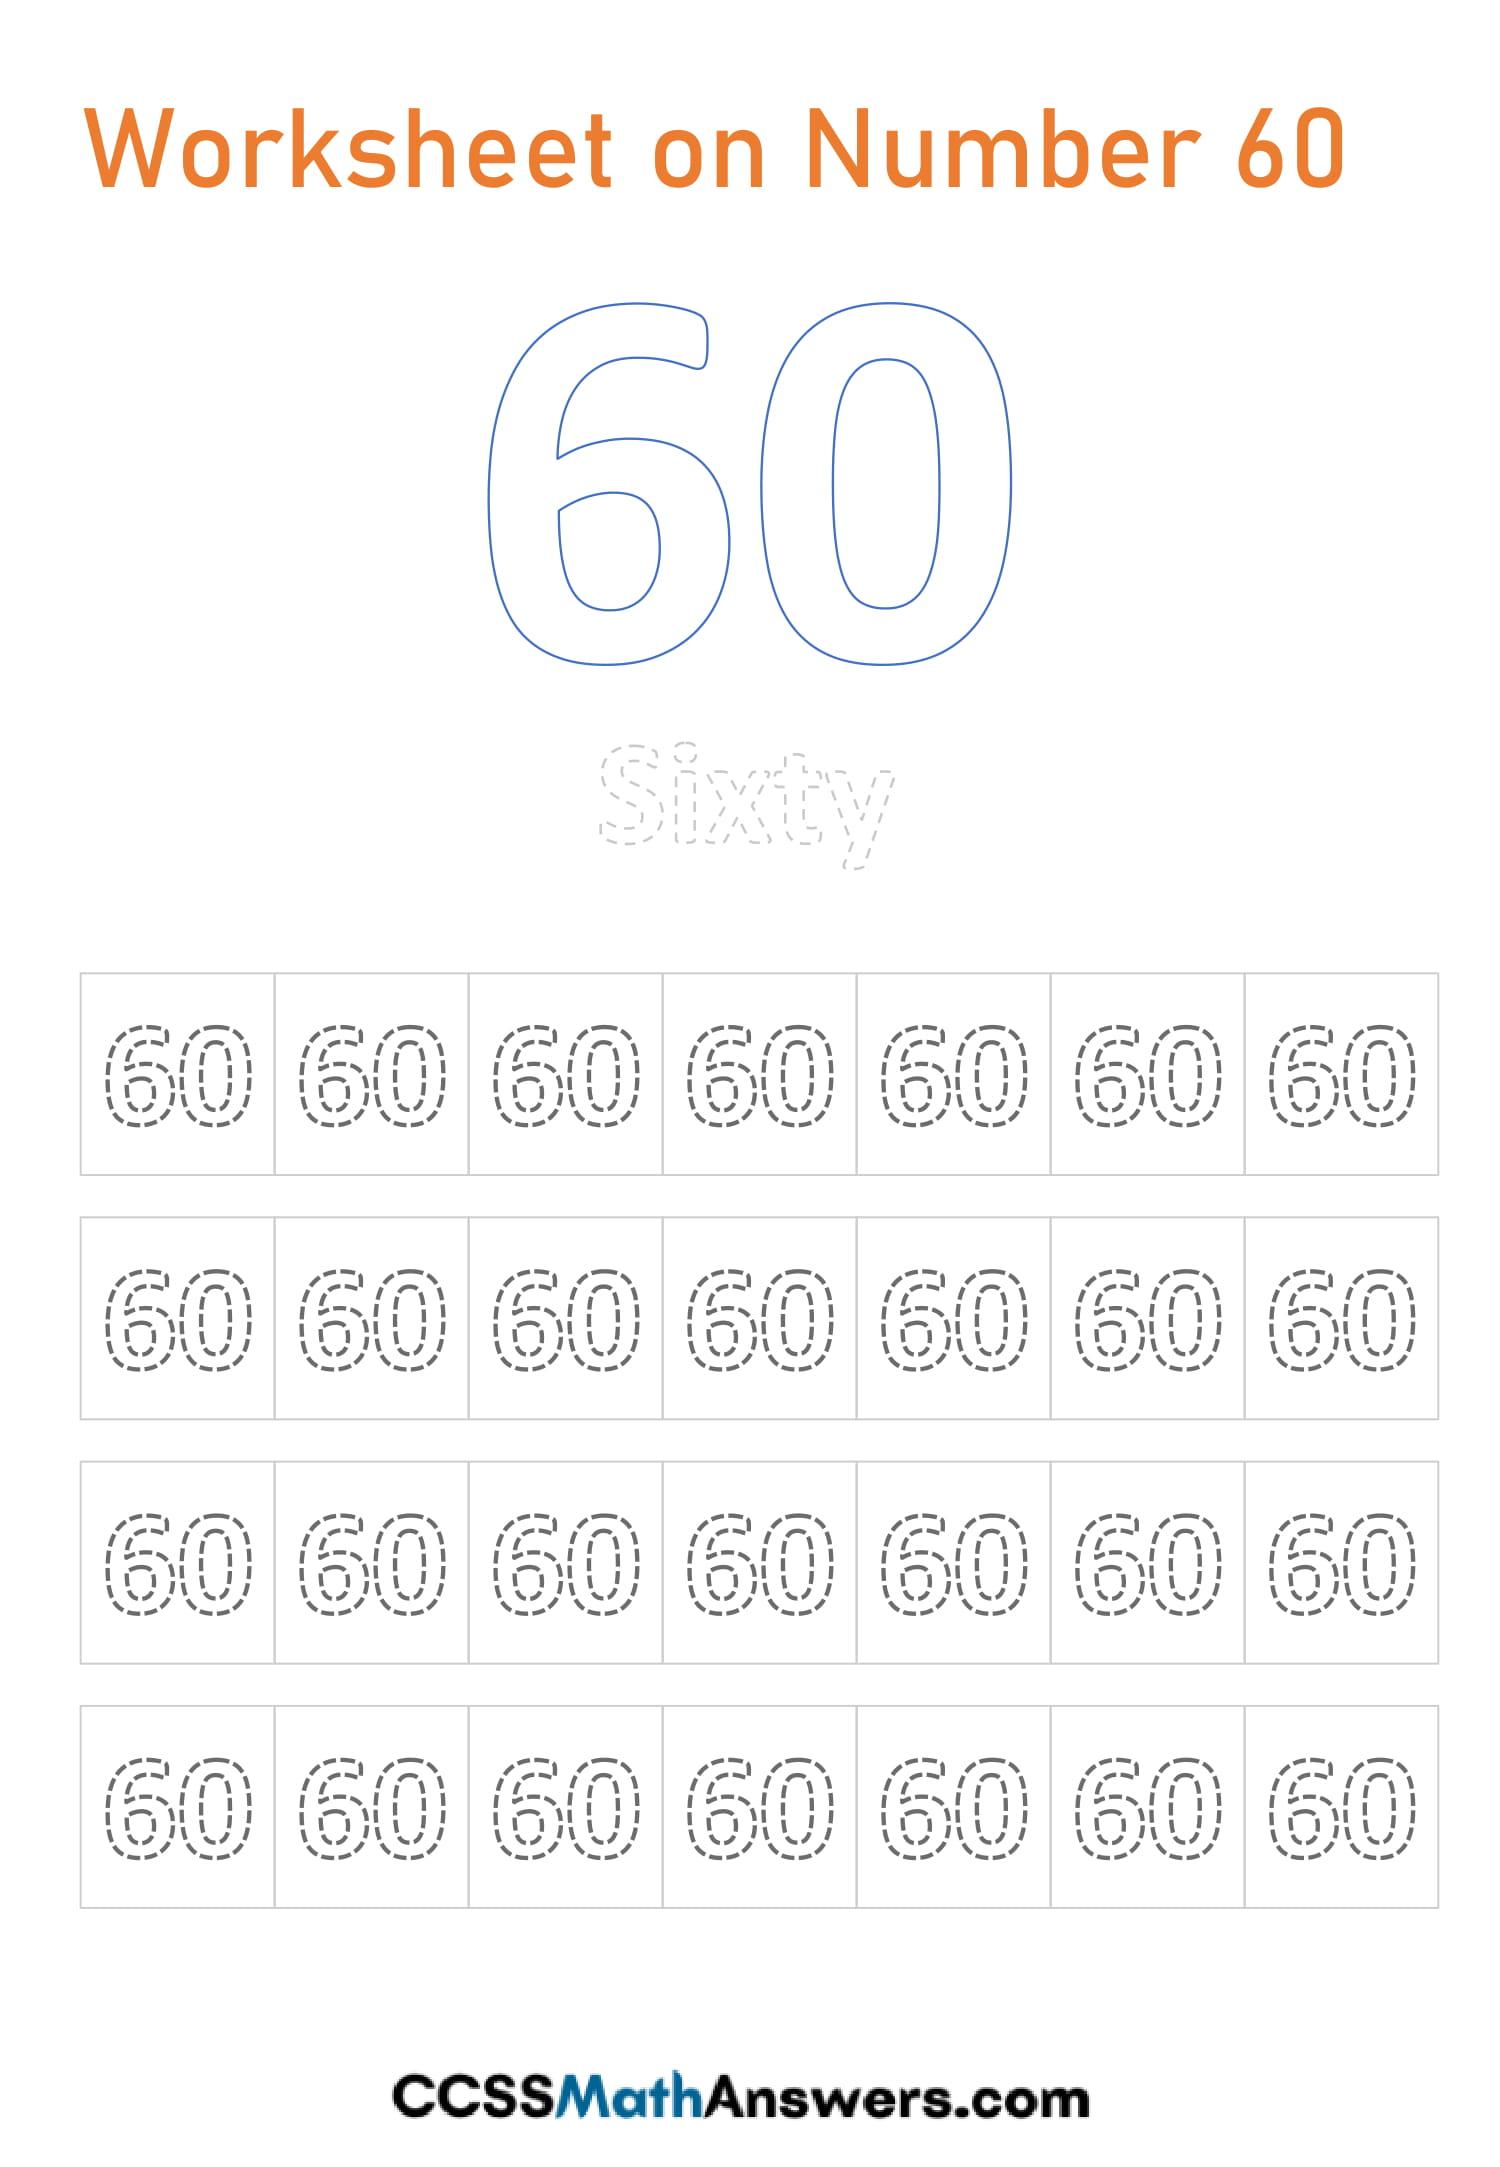 Number 60 Worksheet